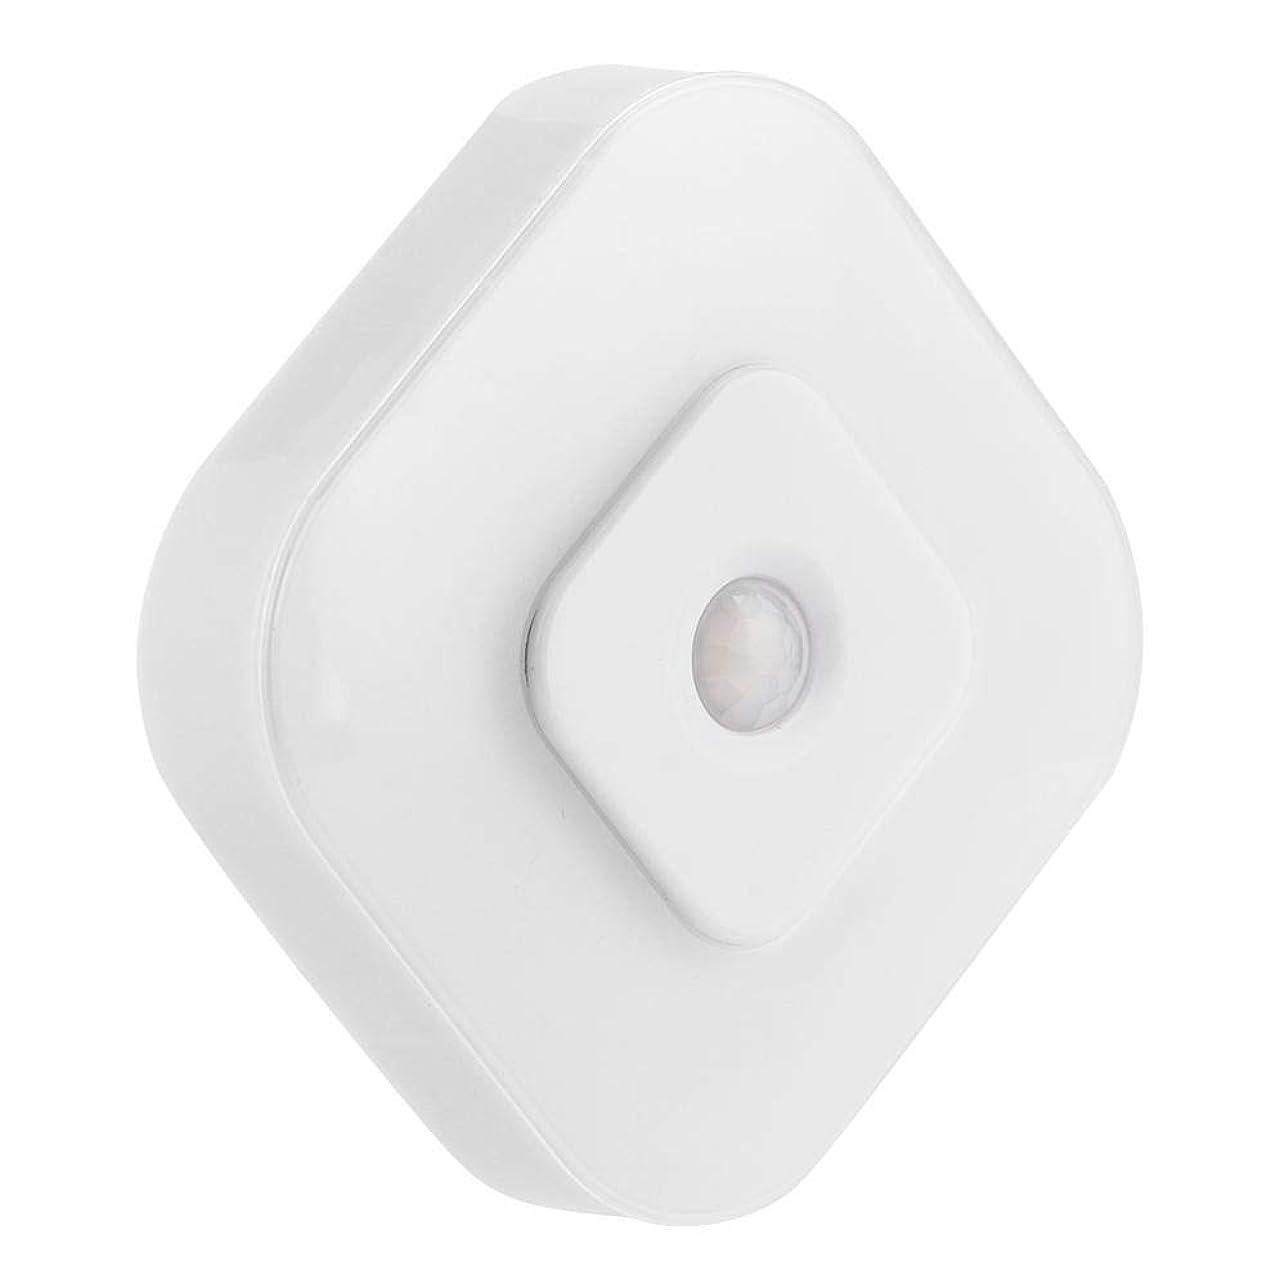 眼価値牛人体の誘導の携帯用LEDの夜ライトモーションセンサーの正方形の形の屋外の家(white)